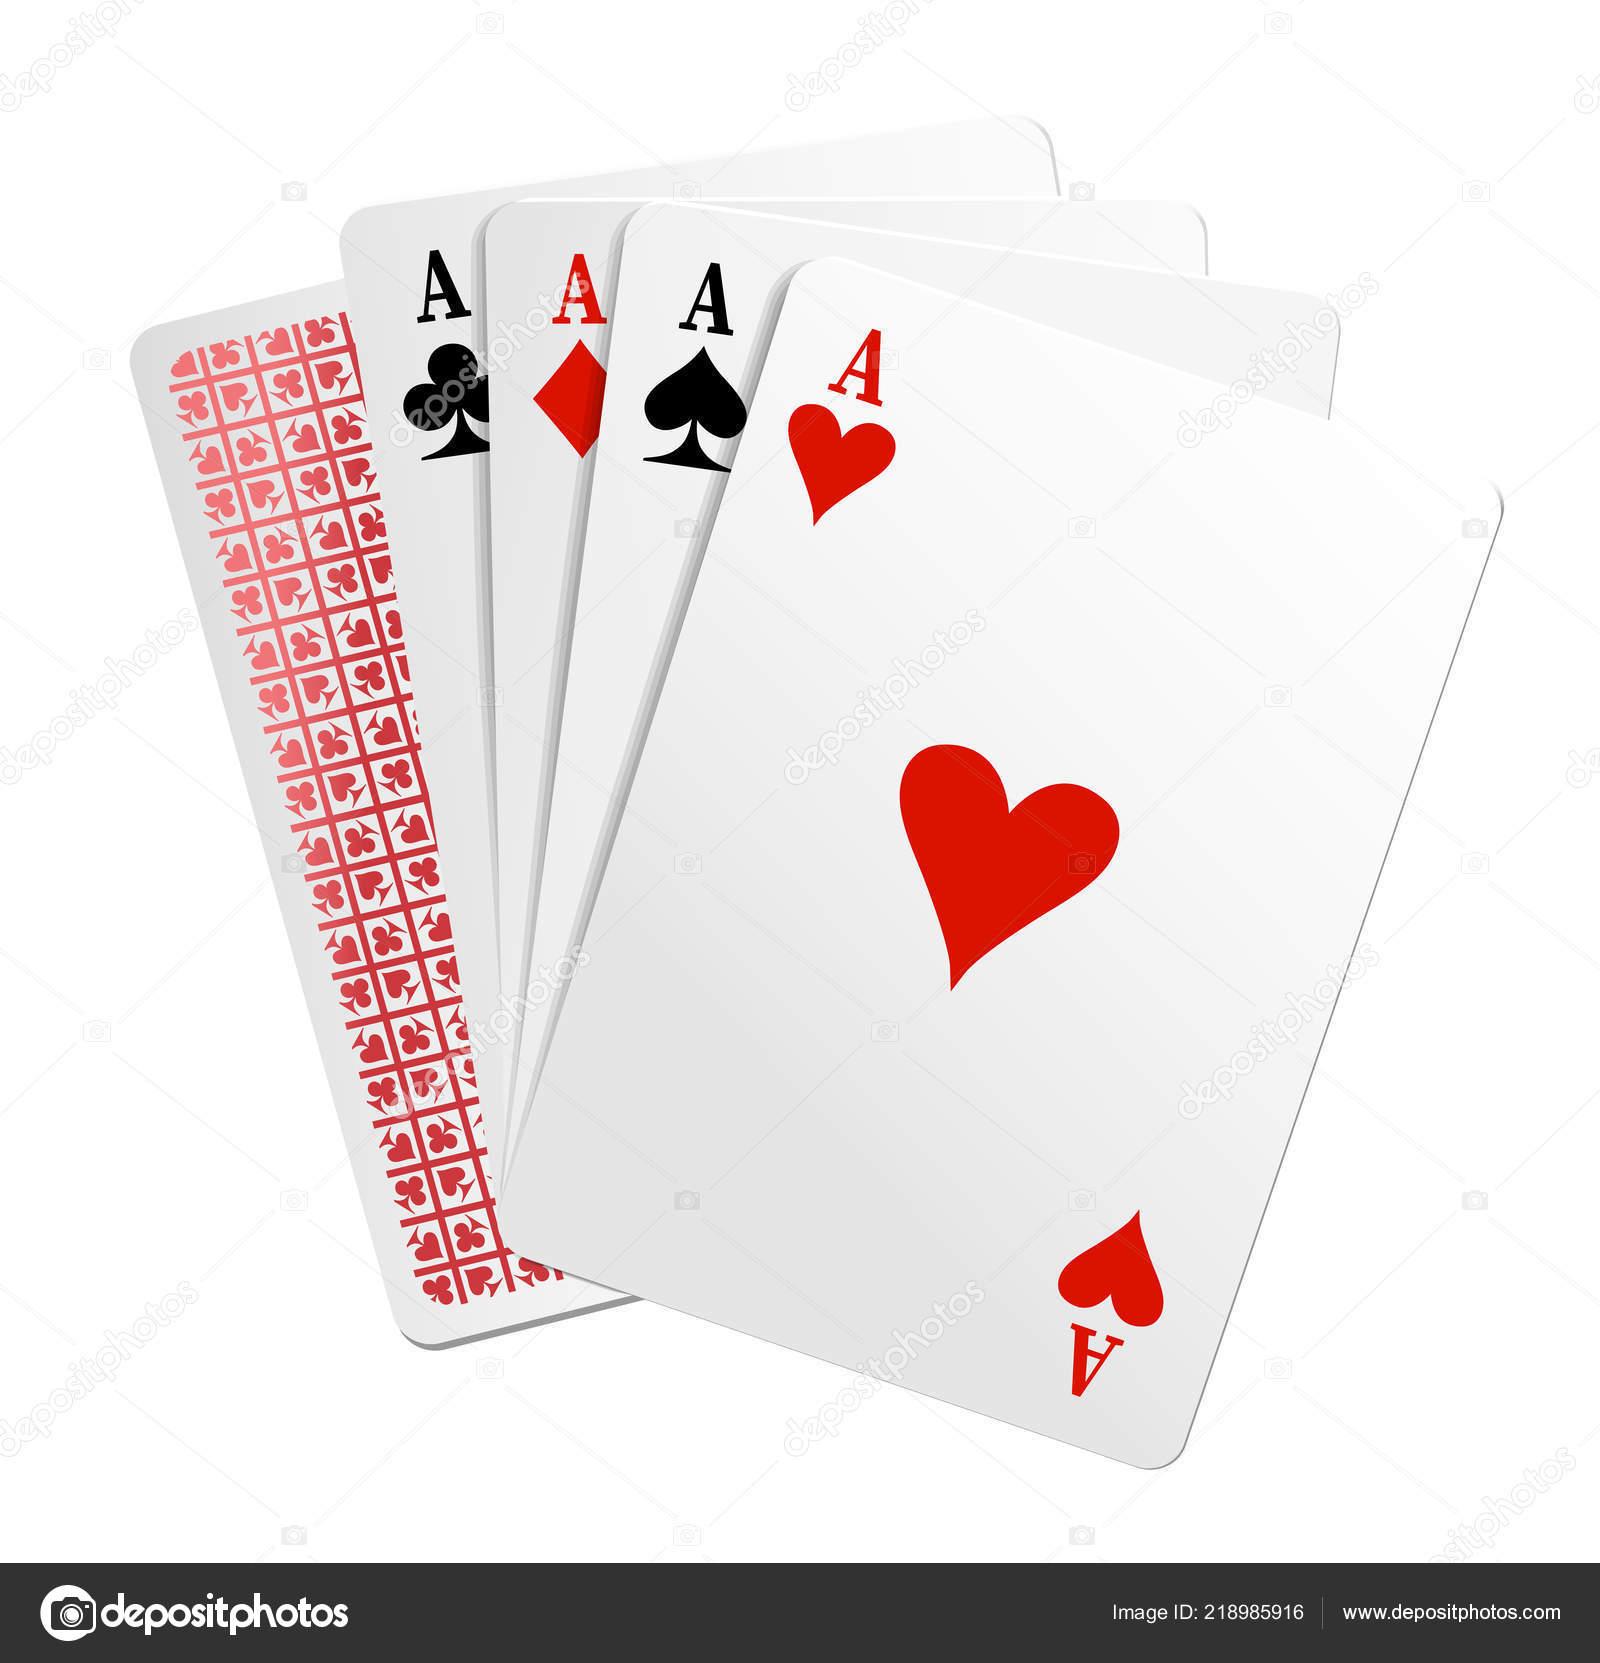 Играть в азартные карты игровые аппараты играть бесплатно гаражи